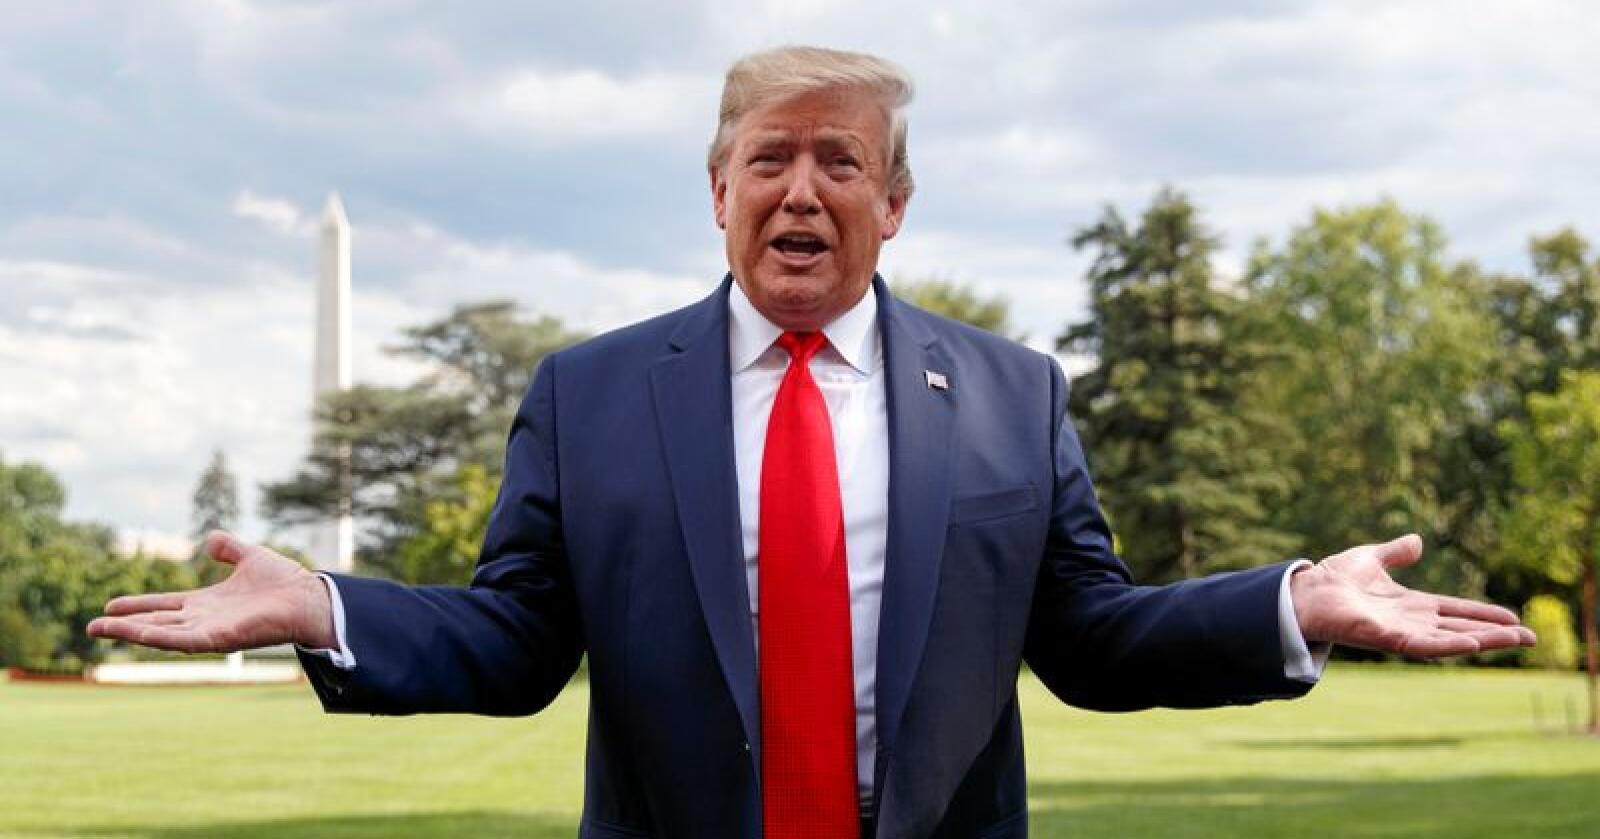 USAs president Donald Trump har lenge mislikt Kinas handelspolitikk og konflikten med landet har vart i halvannet år. Foto: AP Photo/Carolyn Kaster/NTB Scanpix